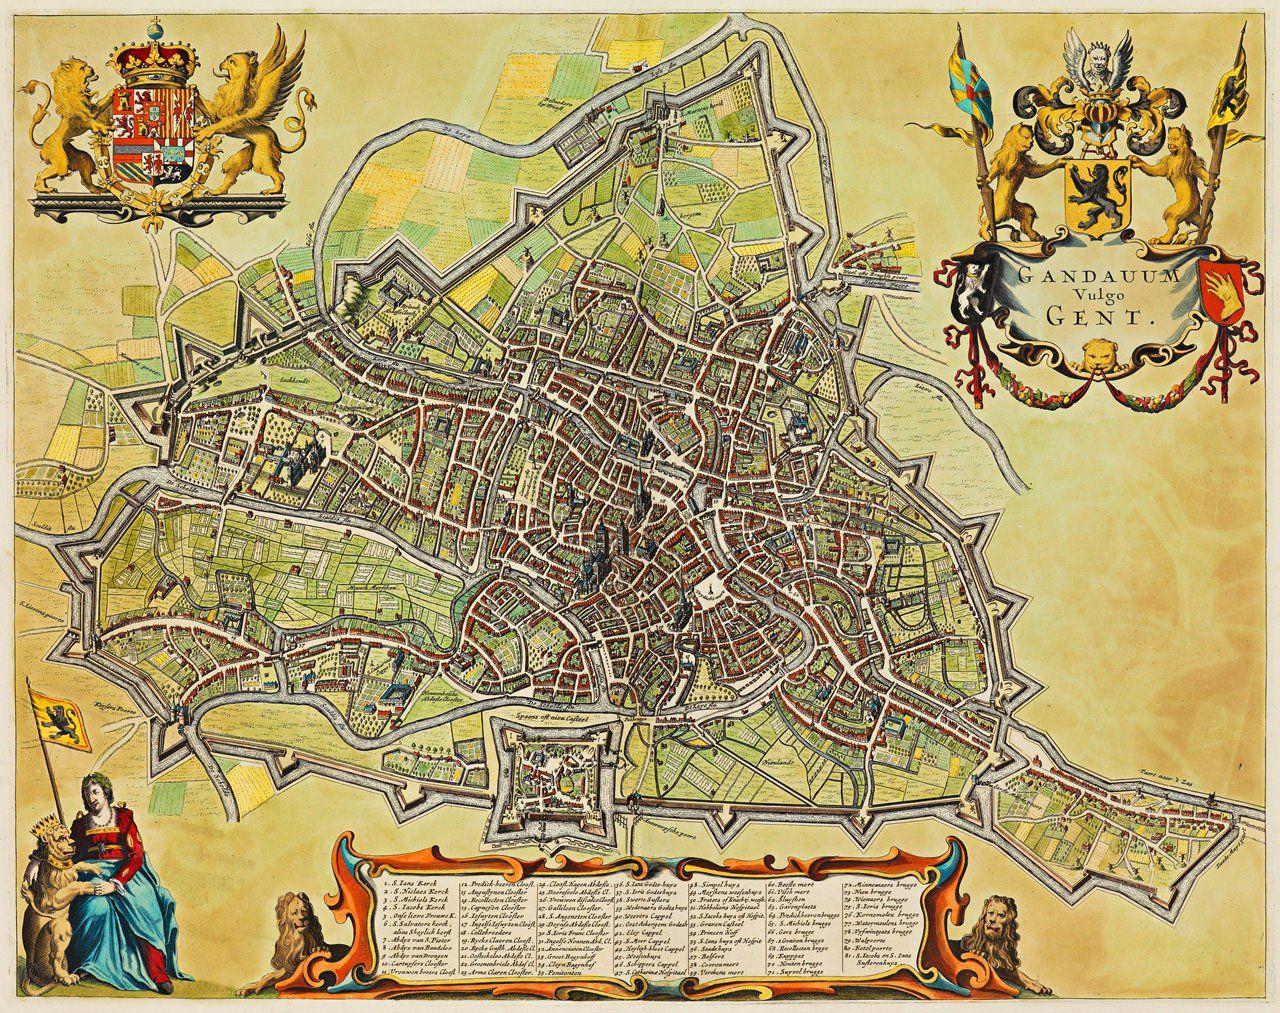 Ghent 1698 Gand Gandavum Vulgo Gent De Wit Old Map 2020